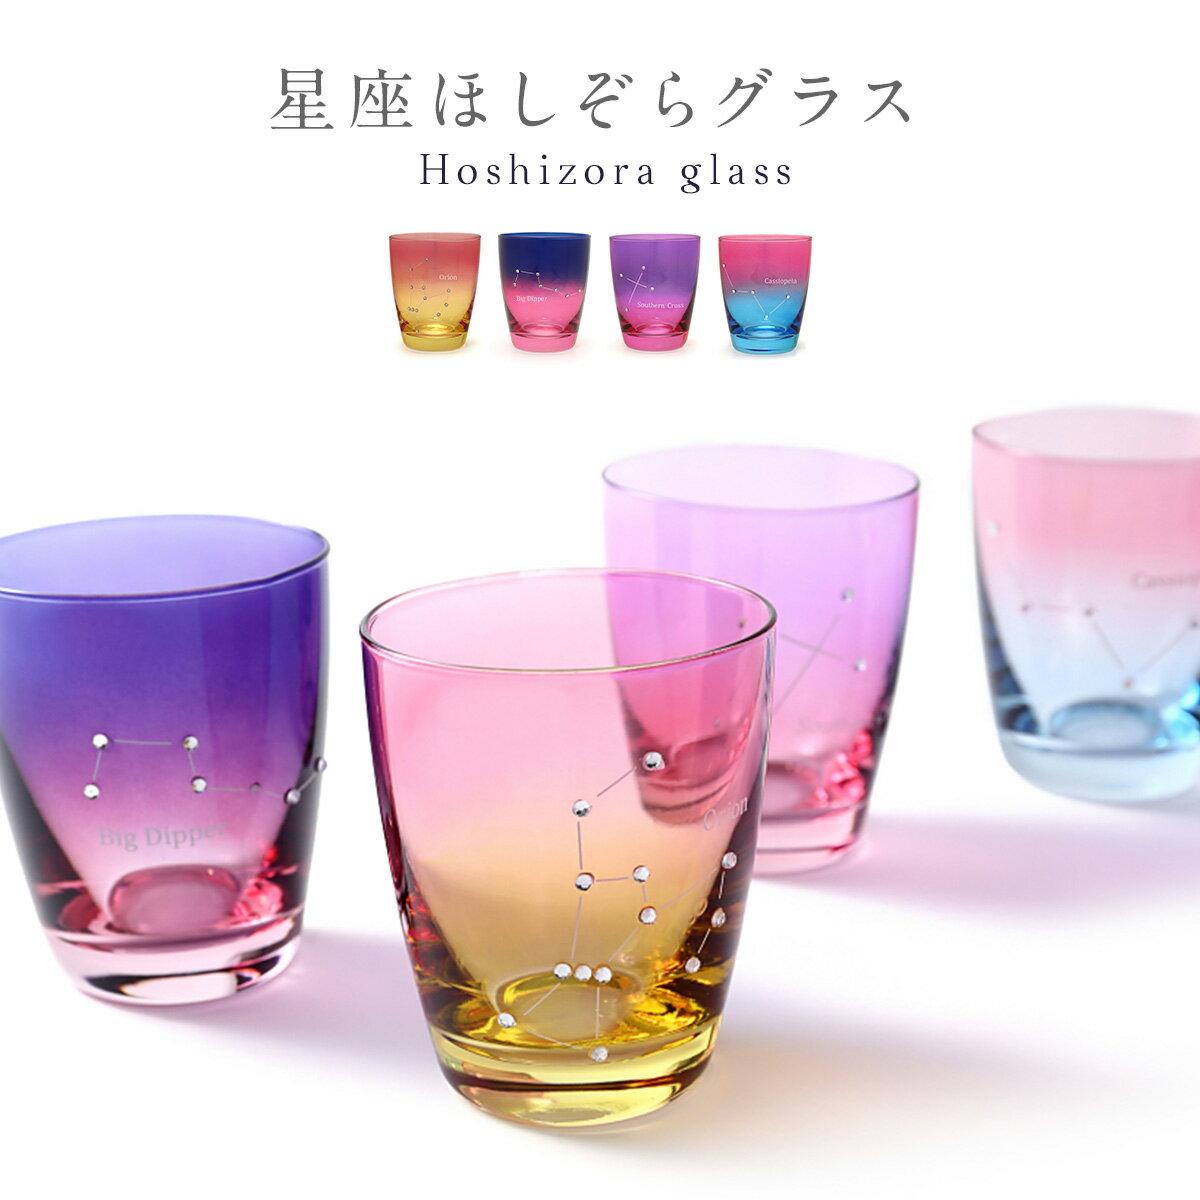 ガラスコップ コップ ガラス グラス タンブラー カフェ おしゃれ かわいい ほしぞらグラス 朝焼け オリオン座 北斗七星 南十字星 カシオペア座 星座